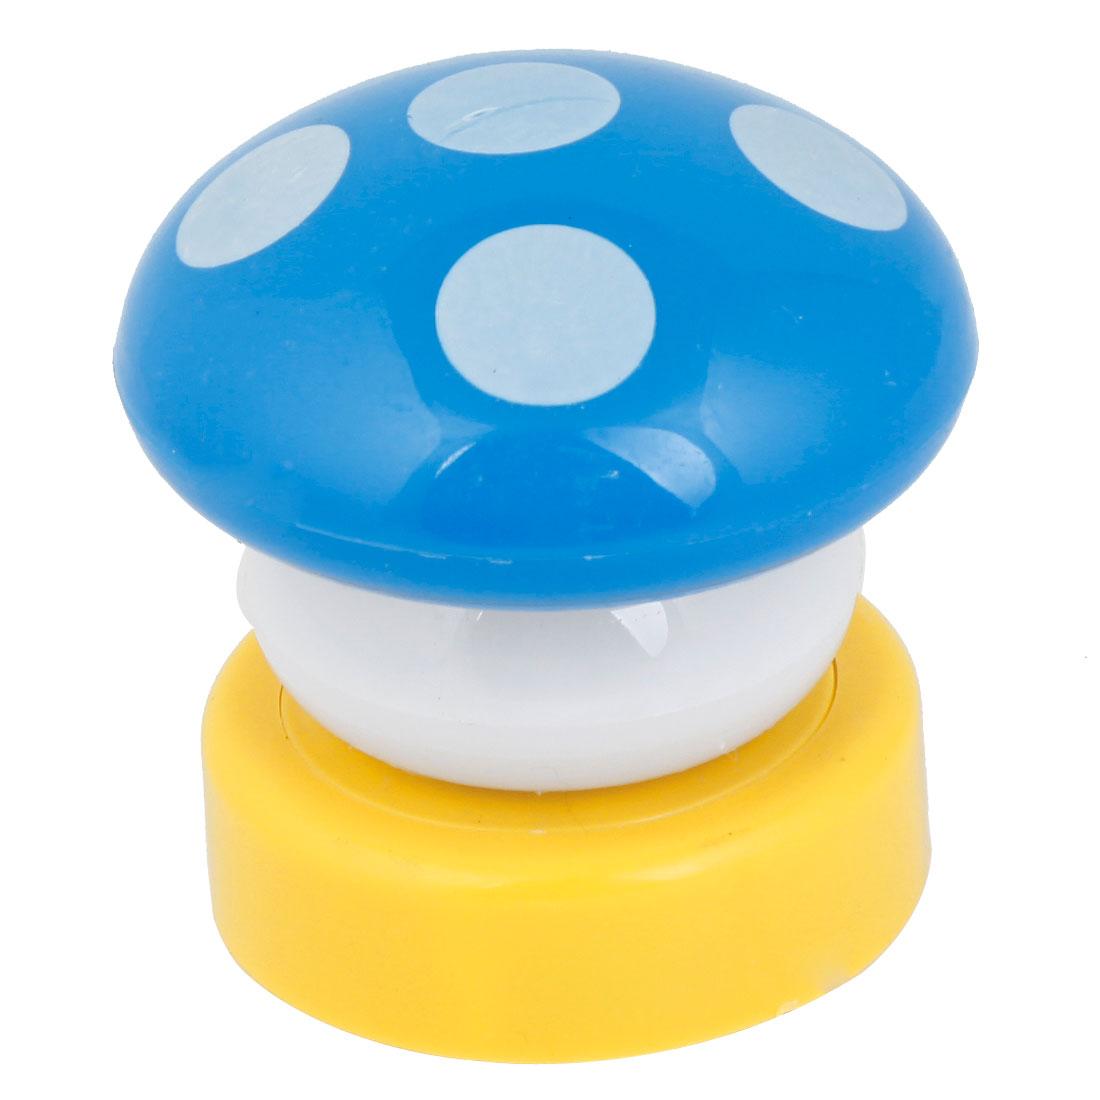 Blue Plastic Casing Mushroom Design White LED Bulb Nightlight